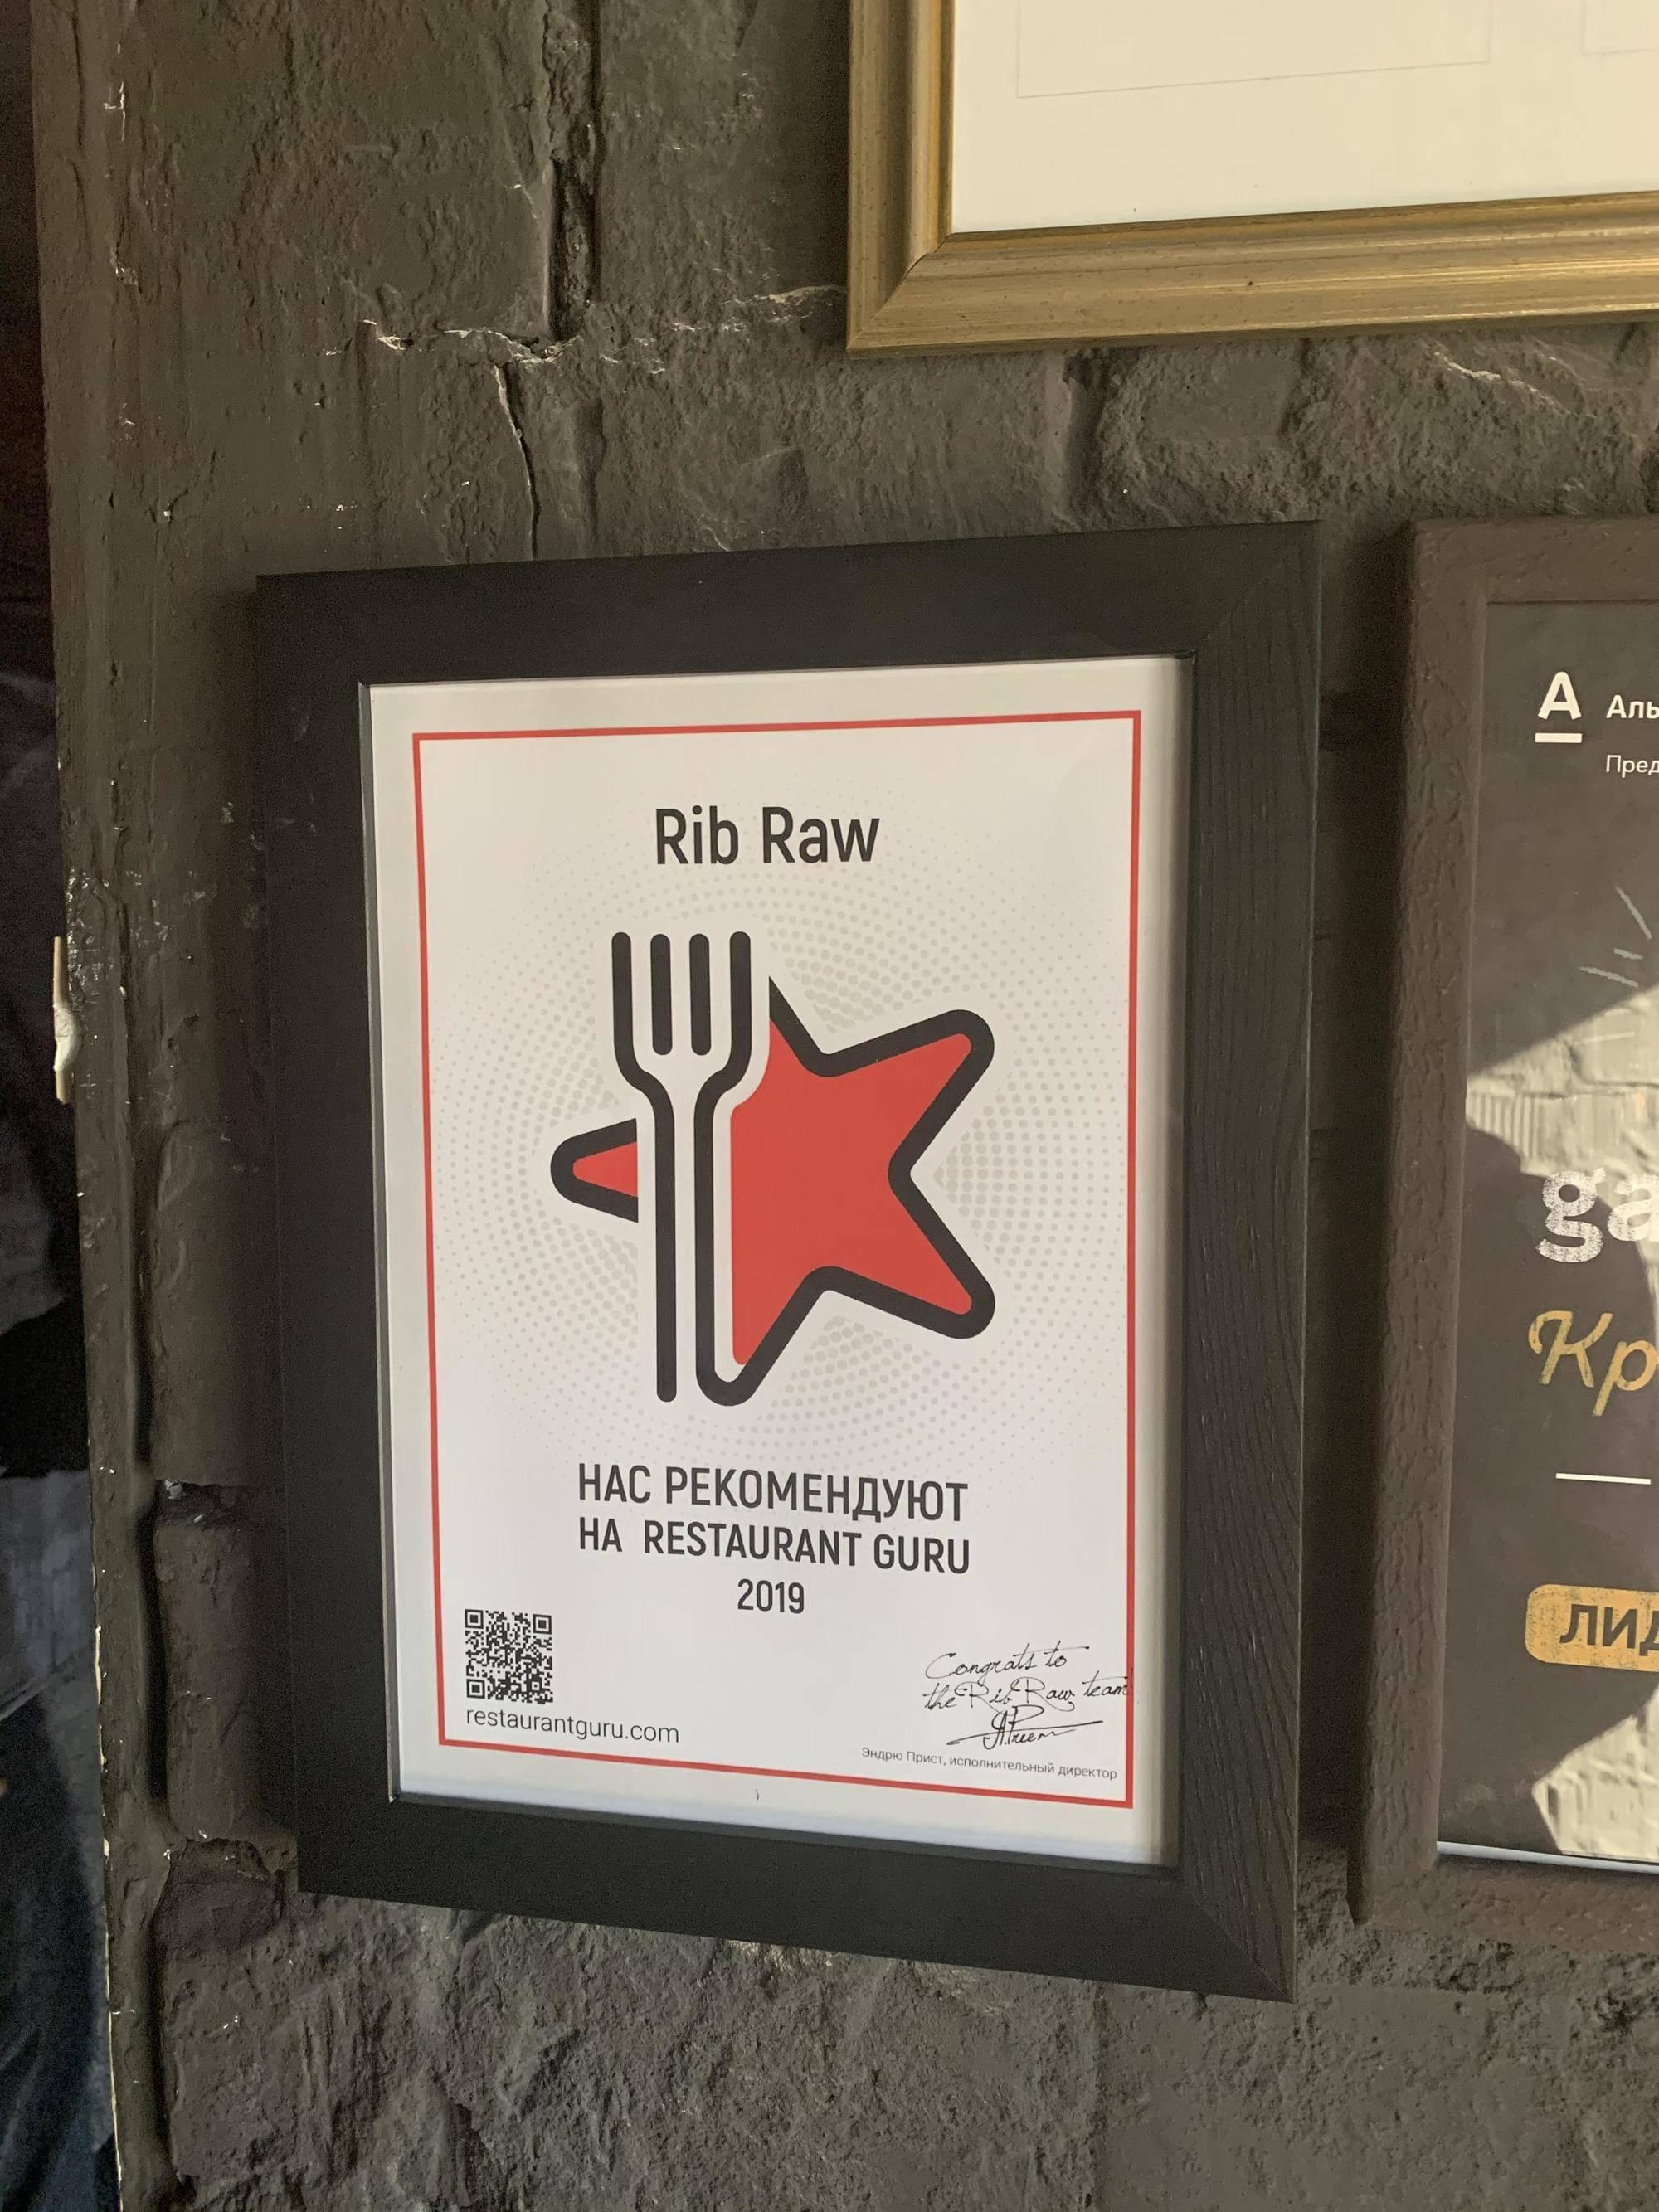 Rib Raw award